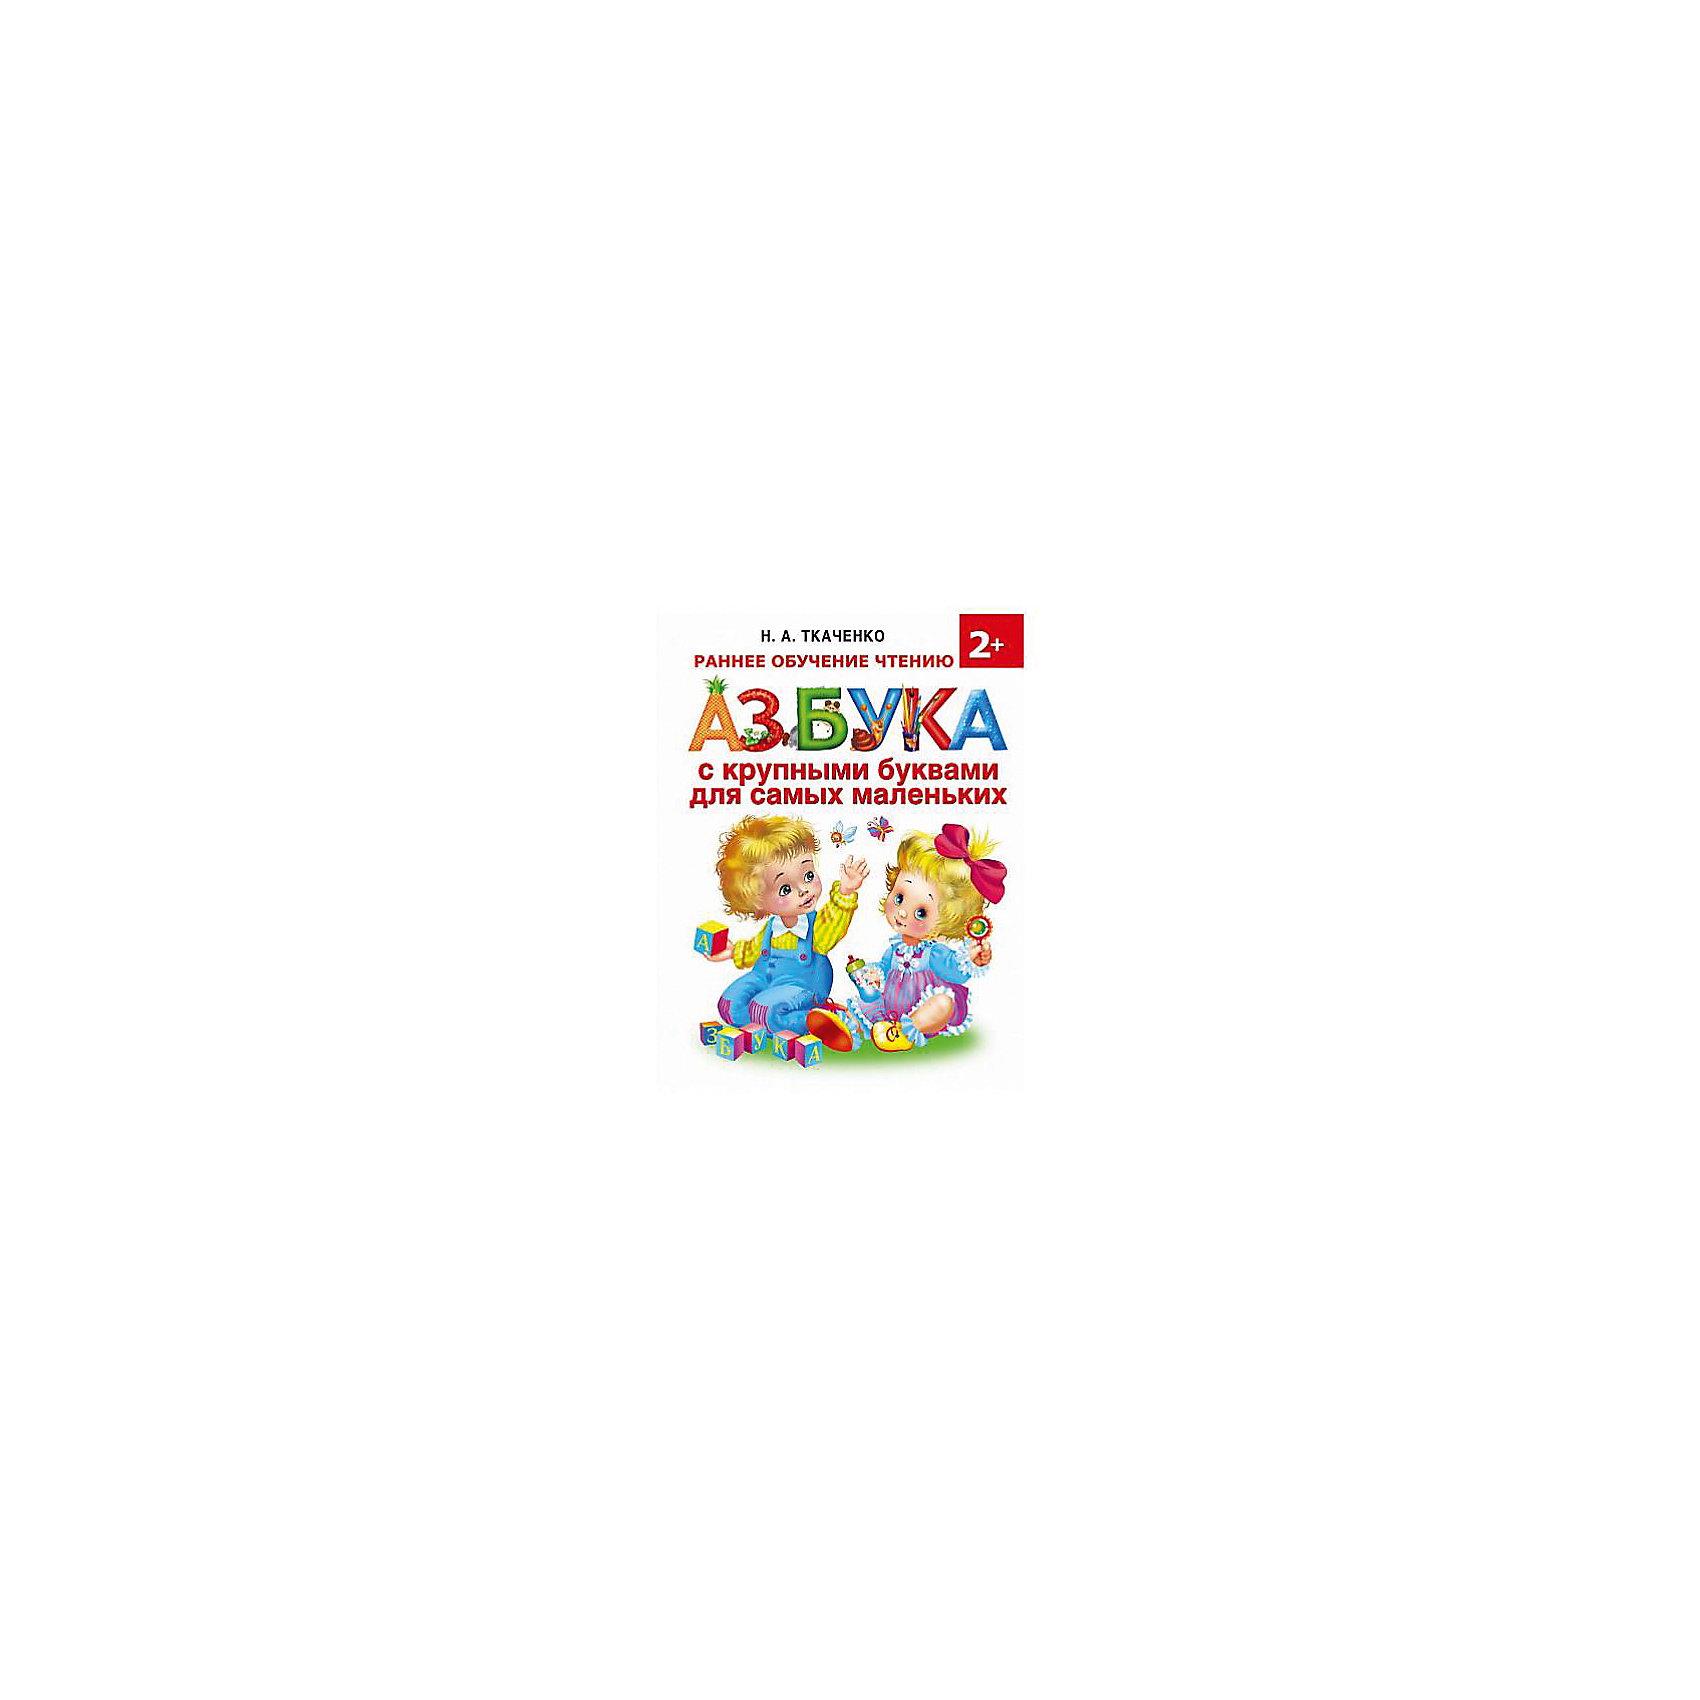 Азбука с крупными буквами для самых маленьких, Н.А. ТкаченкоАзбуки<br>Характеристики товара:<br><br>• ISBN:9785170985821;<br>• возраст: от  0 лет;<br>• иллюстрации: цветные;<br>• обложка: твердая;<br>• бумага: офсет;<br>• количество страниц: 64;<br>• формат: 26х20х1,6 см.;<br>• вес: 400 гр.;<br>• автор: Ткаченко Н.А., Тумановская М.П.;<br>• издательство:  АСТ;<br>• страна: Россия.<br><br>«Азбука с крупными буквами для самых маленьких»  -  замечательное пособие, подготовленное известными специалистами в области детского речевого развития Н. А. Ткаченко и М. П. Тумановской. <br><br>Благодаря ярким и интересным картинкам ребёнок не только легко выучит все буквы алфавита, но и запомнит звуки, которые эти буквы обозначают. Занятия по этой книжке помогут ребёнку запомнить правильное начертание букв, рано научиться читать, а также подарят множество положительных эмоций.<br><br>Отличный выбор как для подарка, так и для собственного использования.  <br><br>«Азбука с крупными буквами для самых маленьких», 64 стр., авт. Ткаченко Н.А. и Тумановская М.П, изд. АСТ  можно купить в нашем интернет-магазине.<br><br>Ширина мм: 255<br>Глубина мм: 197<br>Высота мм: 160<br>Вес г: 389<br>Возраст от месяцев: 12<br>Возраст до месяцев: 2147483647<br>Пол: Унисекс<br>Возраст: Детский<br>SKU: 6848281